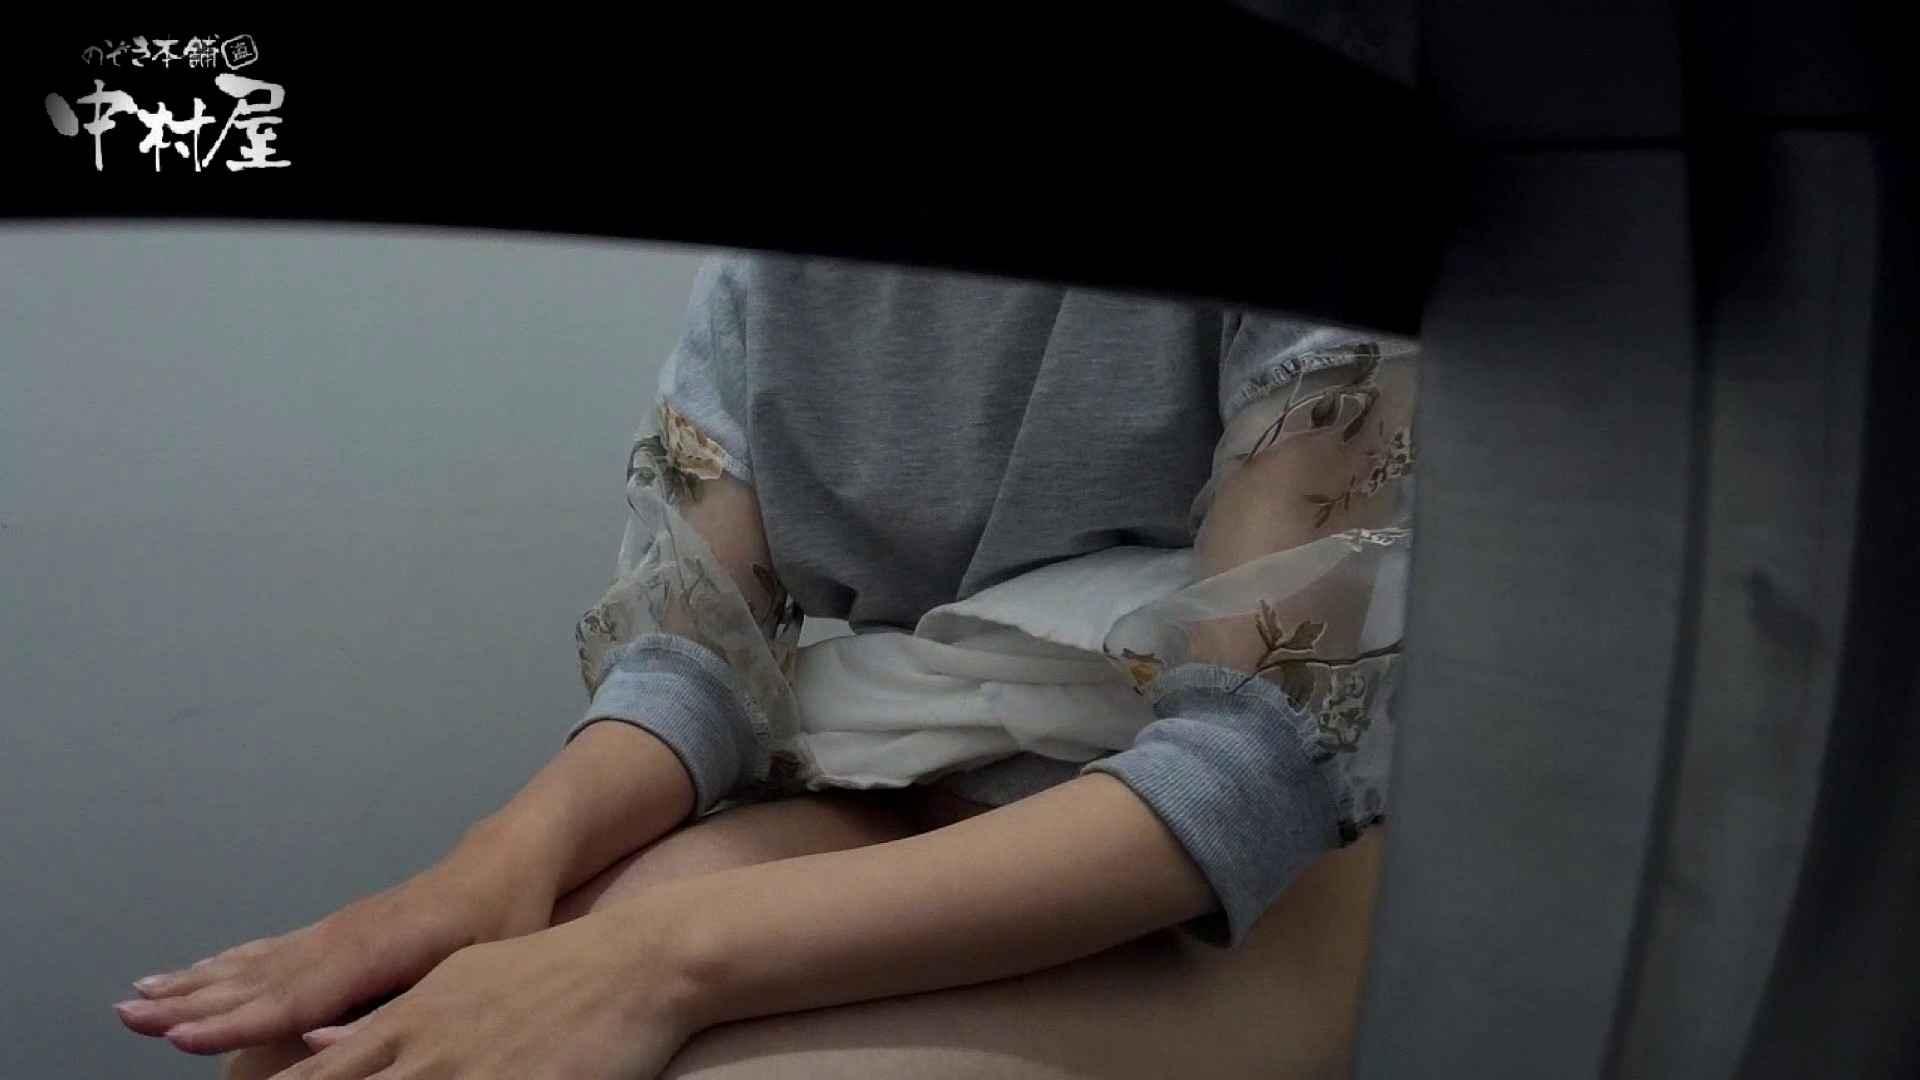 【某有名大学女性洗面所】有名大学女性洗面所 vol.40 ??おまじない的な動きをする子がいます。 洗面所 覗きオメコ動画キャプチャ 89画像 73